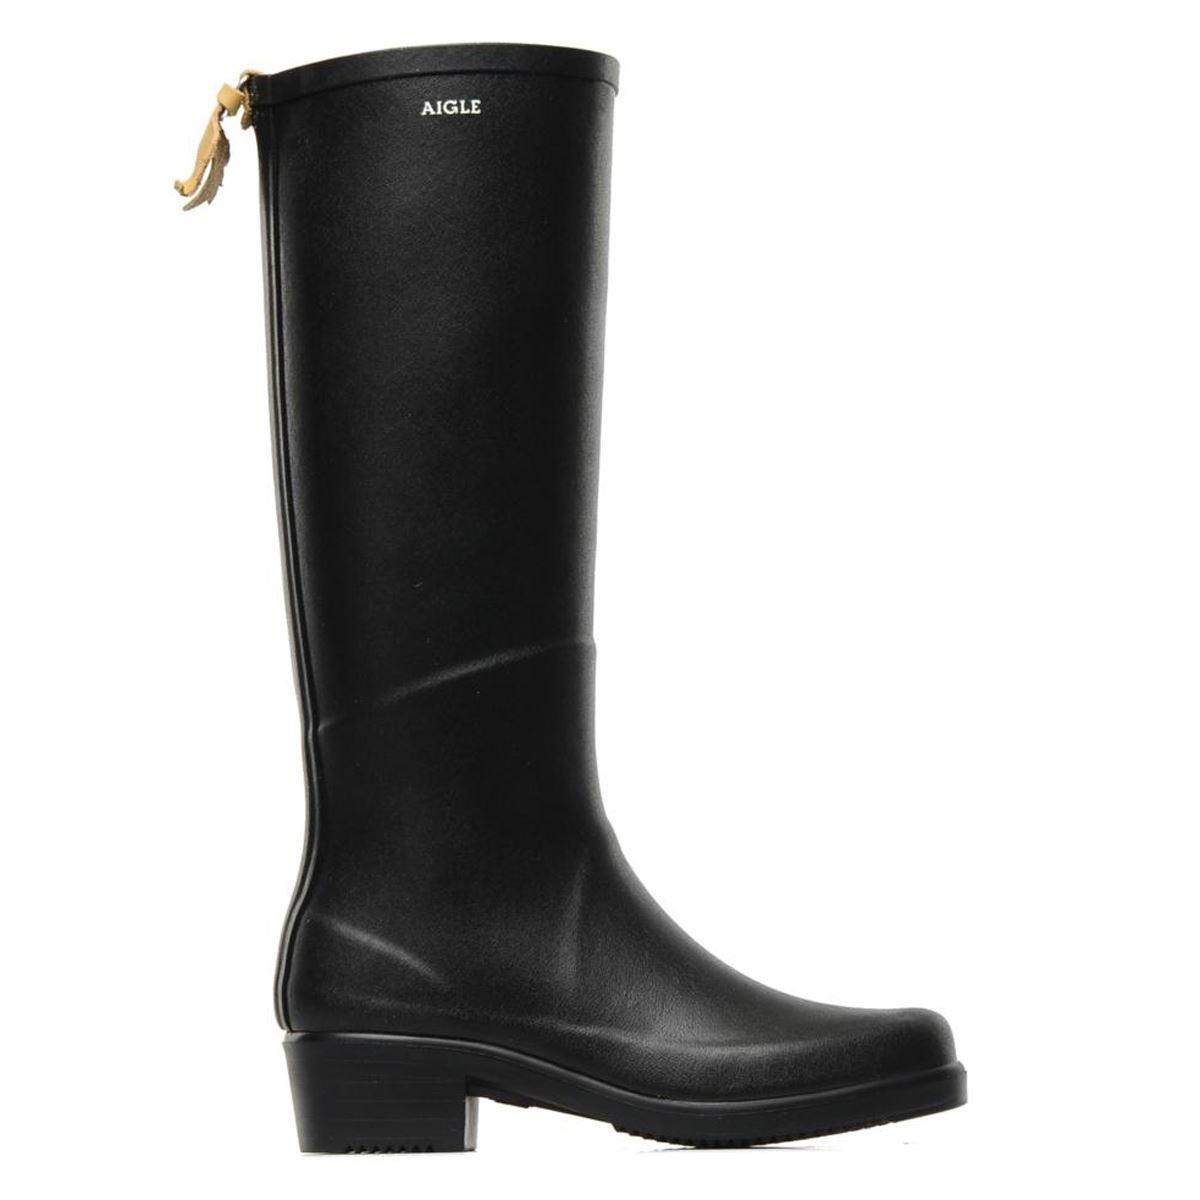 Aigle Miss Juliette A Natural Rubber Rain Boots - Black/Noir , (US 7.5 - 8) EUR 38 , UK 5